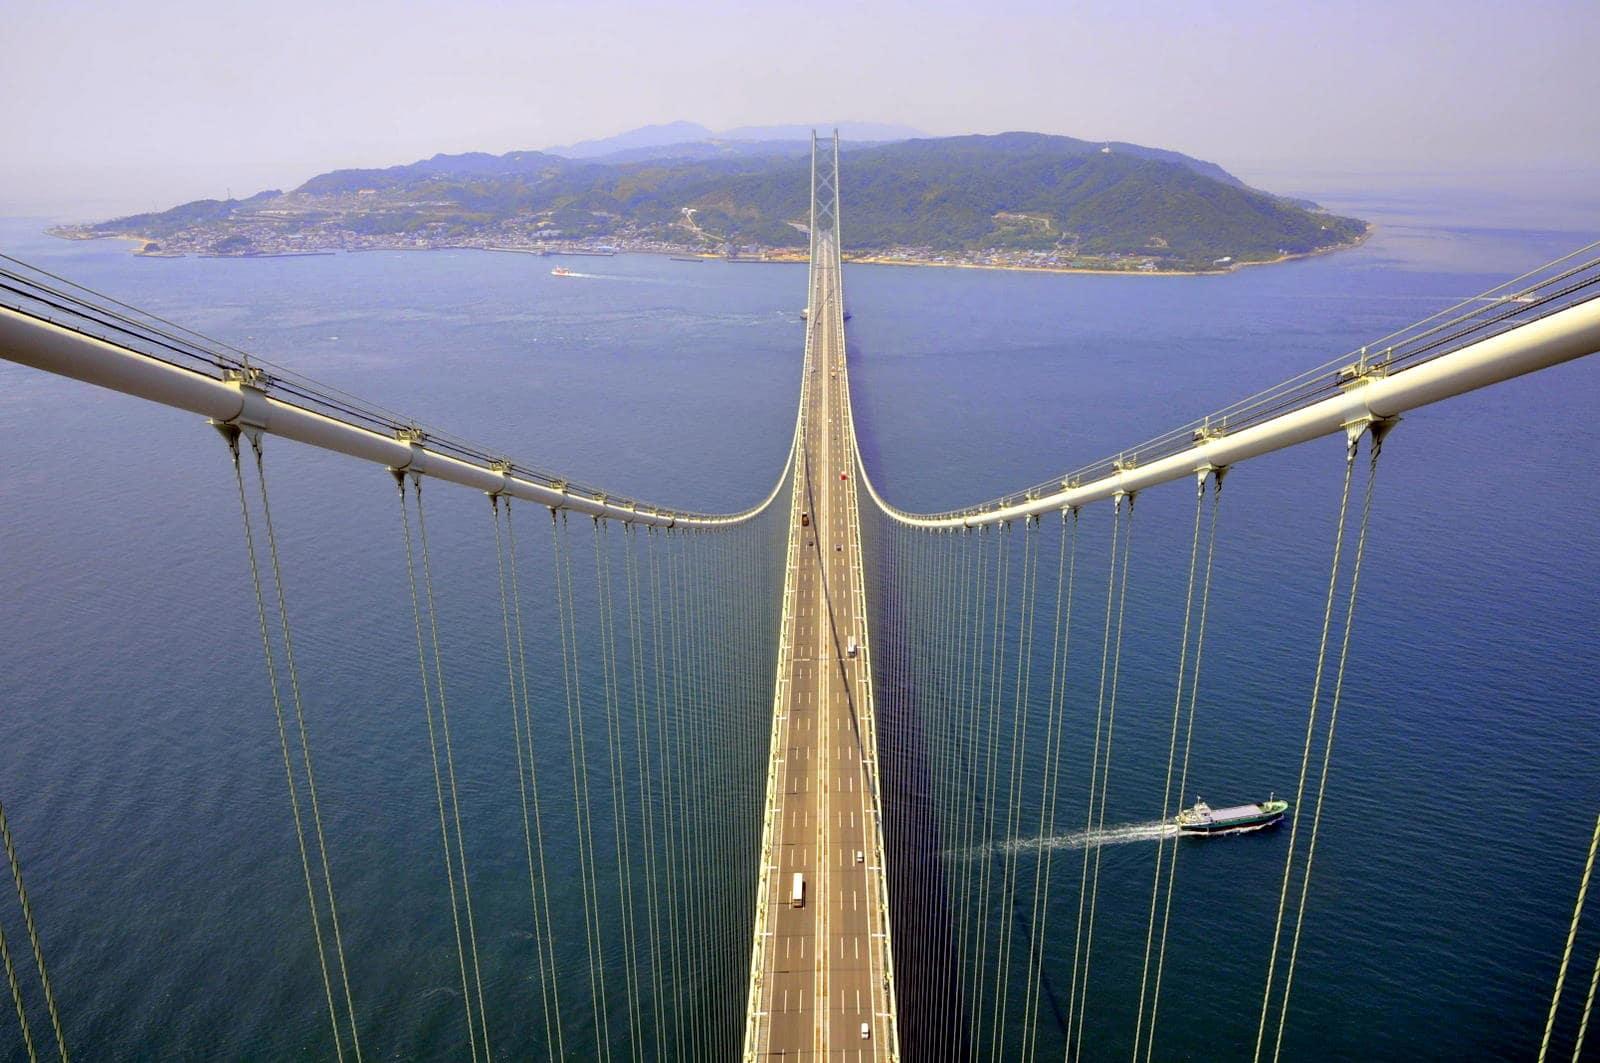 پل آکاشی کای کیو عکس برترین پل ژاپن